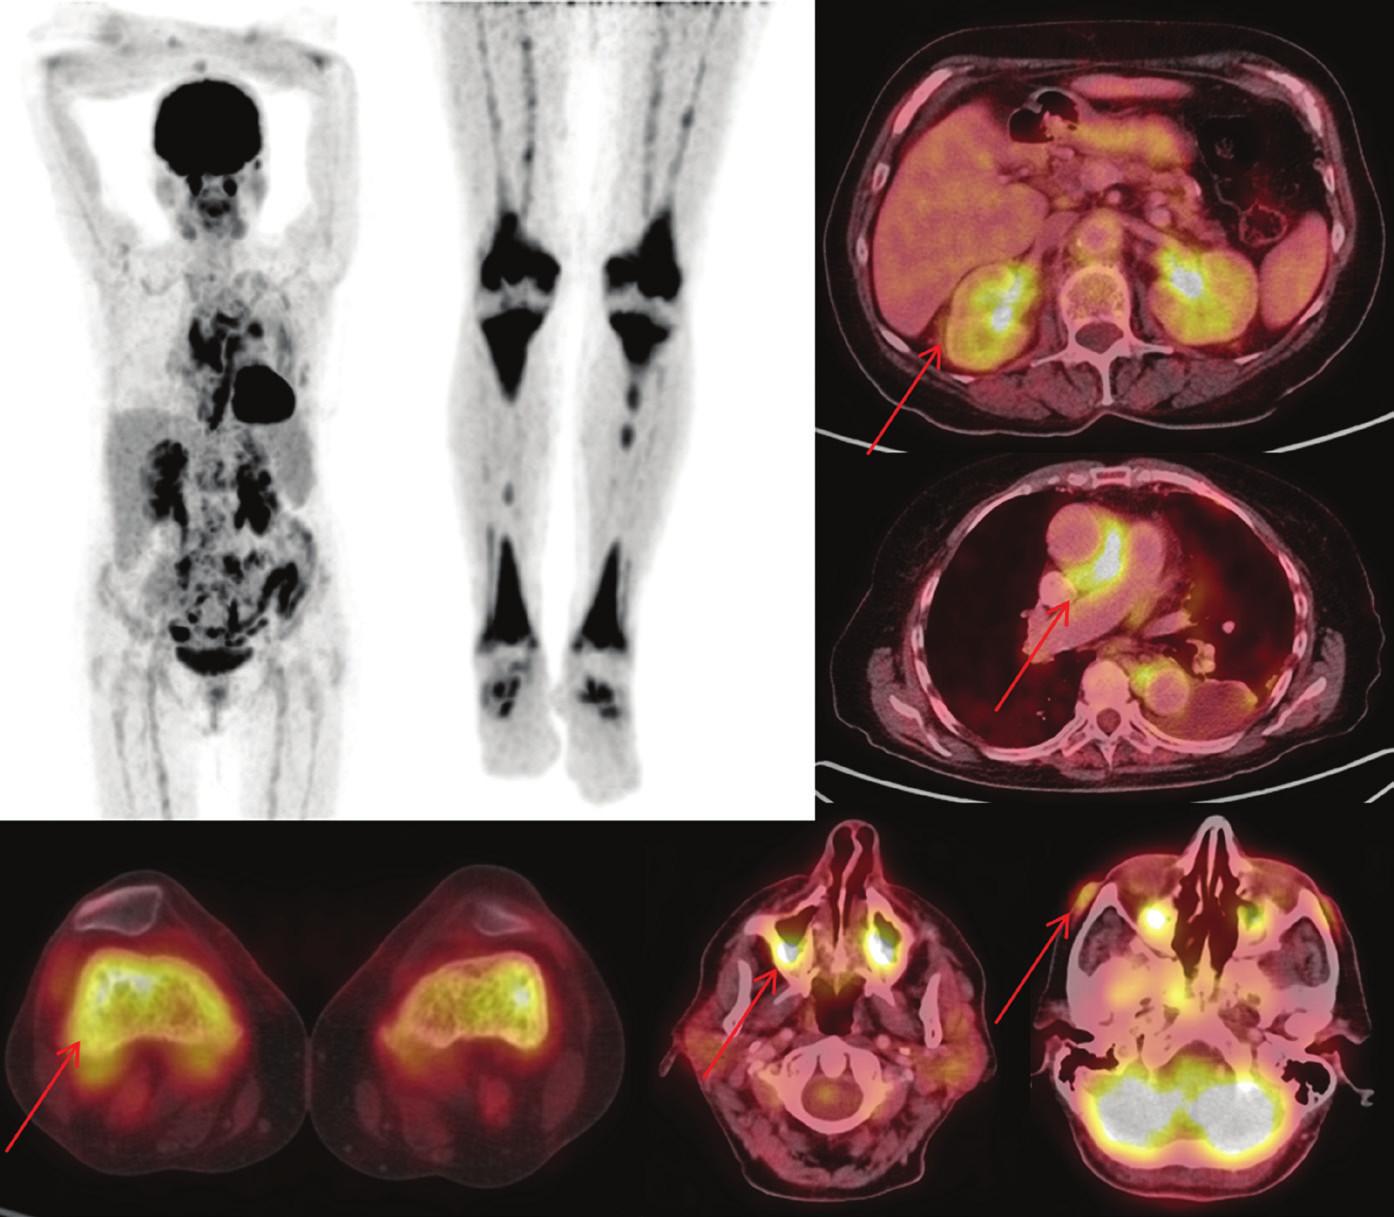 (vlevo) Sumarizace nálezů <sup>18</sup>F-FDG PET/CT vyšetření u pacienta č. 3. Černobílé MIP projekce ukazují rozsah snímání, odráží i rozsah kostního postižení. Fúzované obrazy pak ukazují detaily retroperitoneálního, kardiovaskulárního, kostního, paranasálního, orbitálního a kožního postižení.